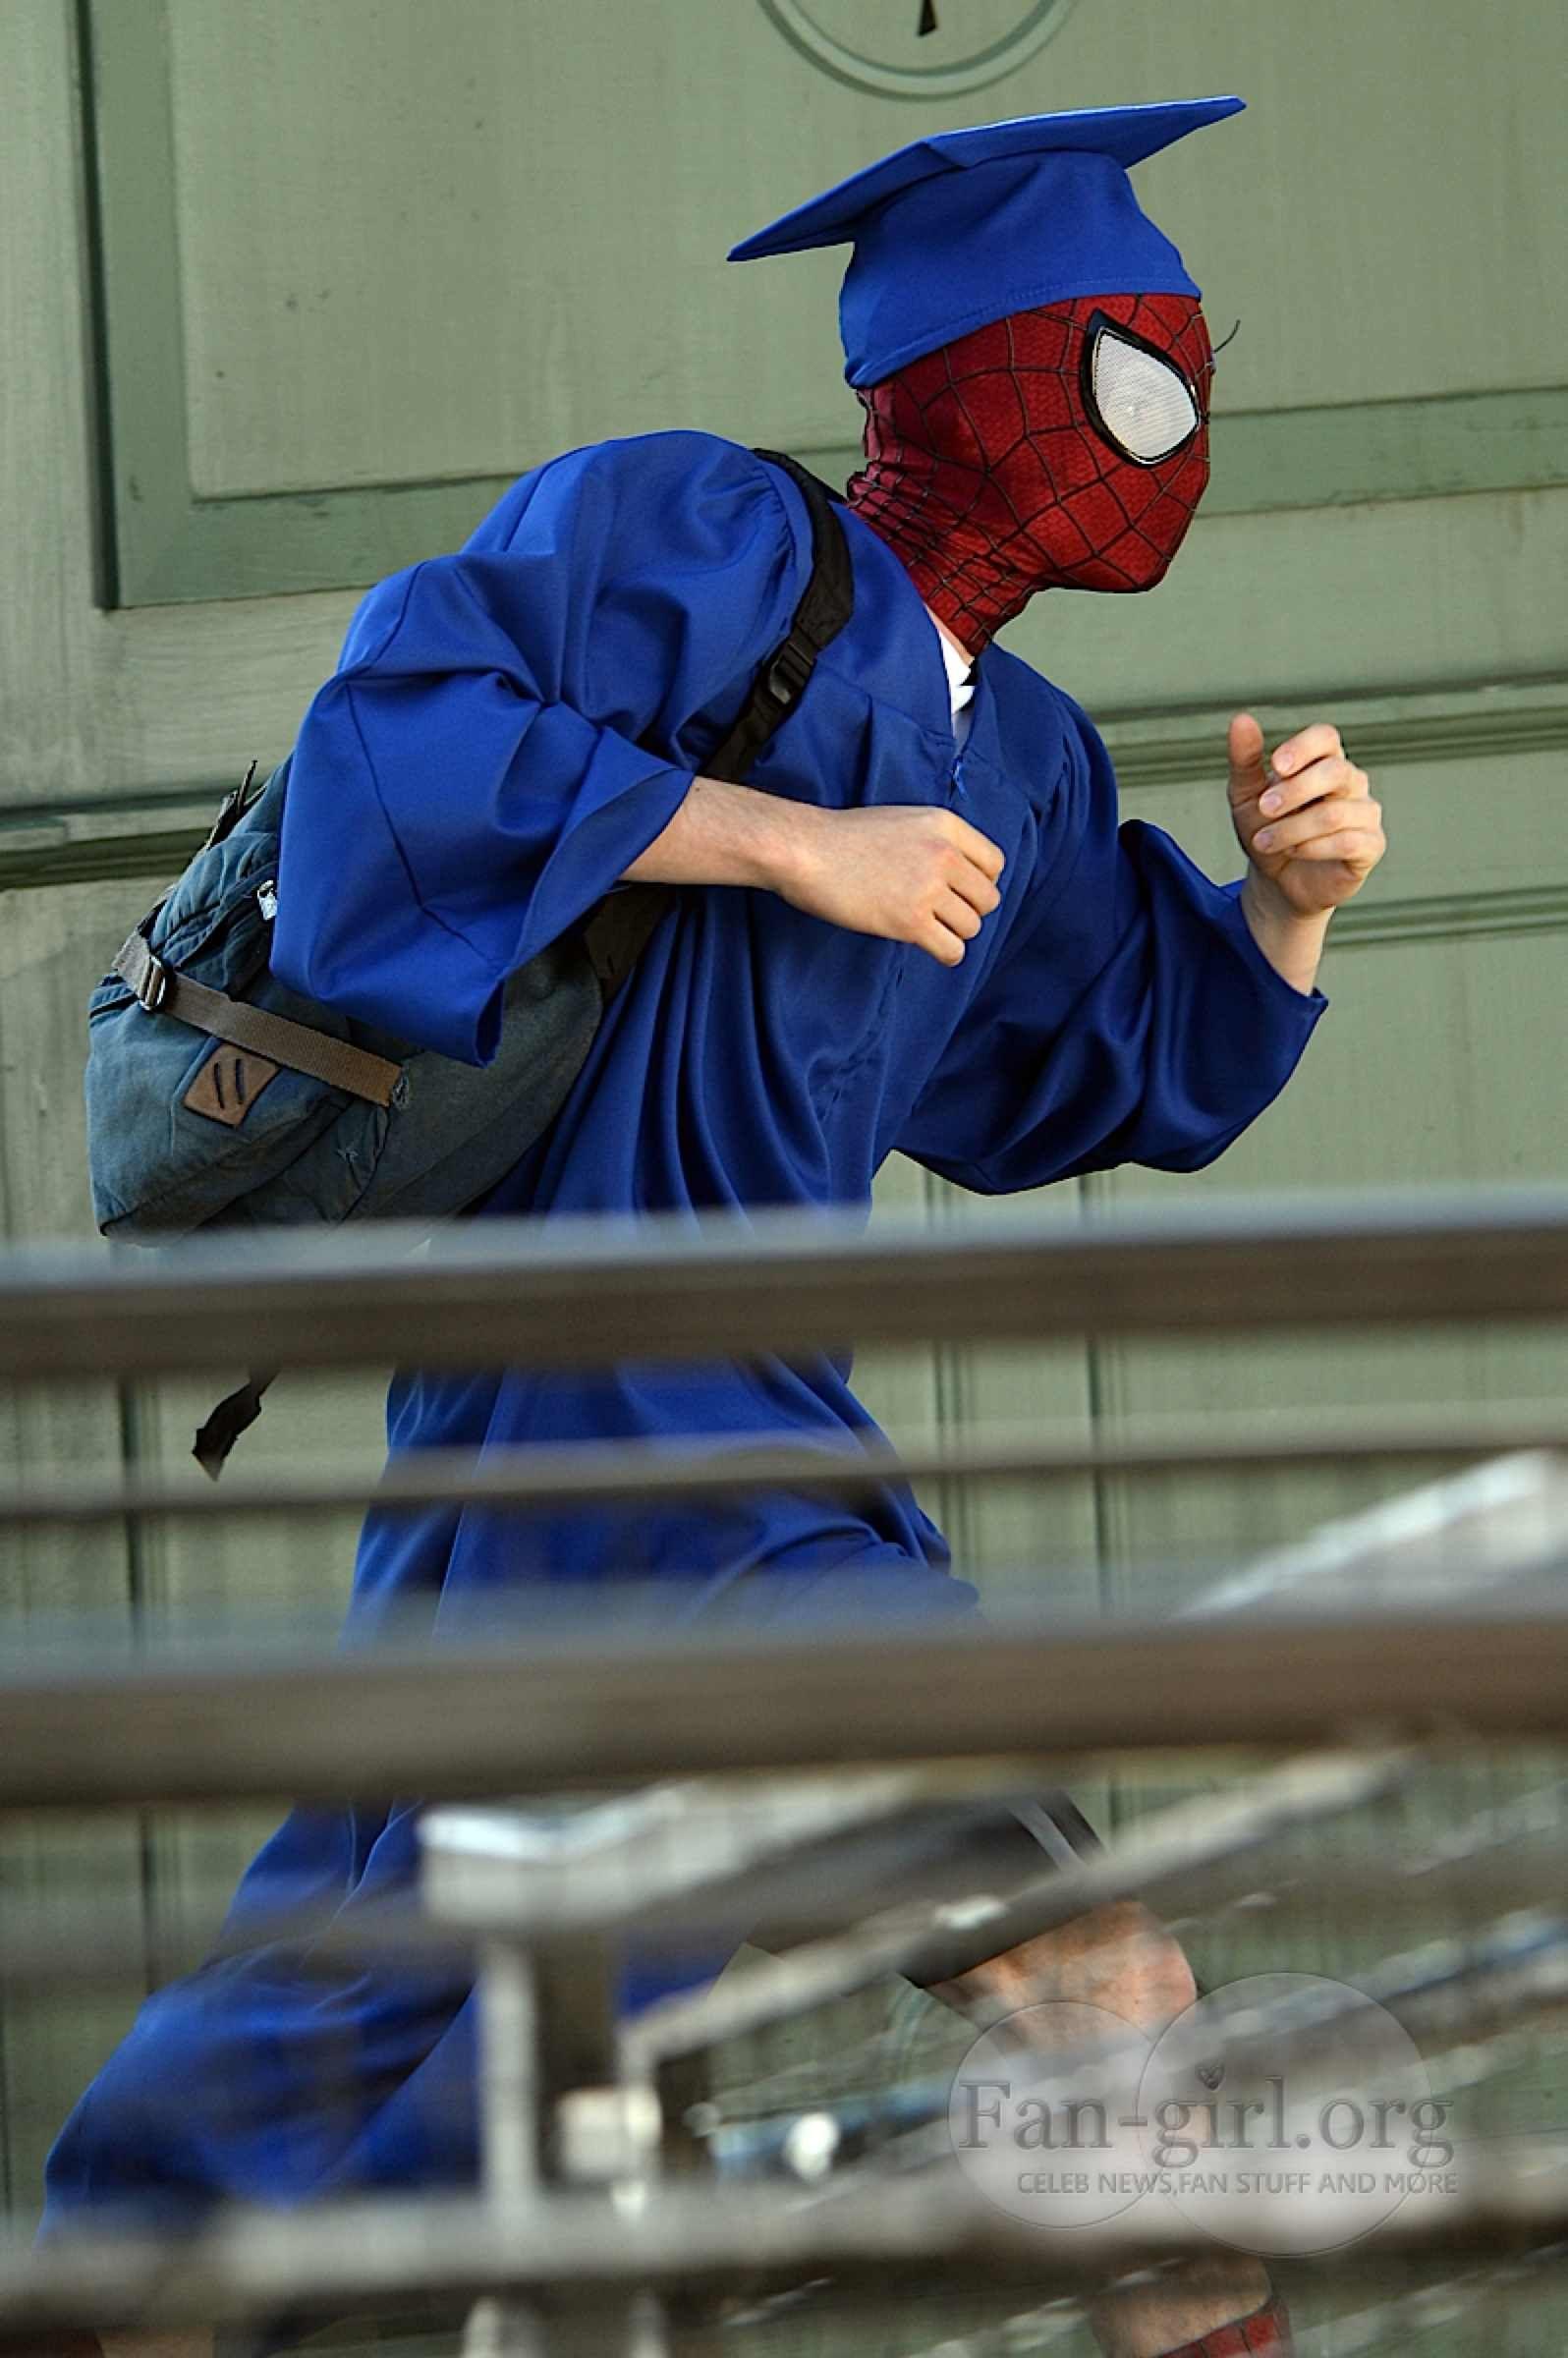 Amazing Spider Man 2 Spidey Attends High School Graduation Plus